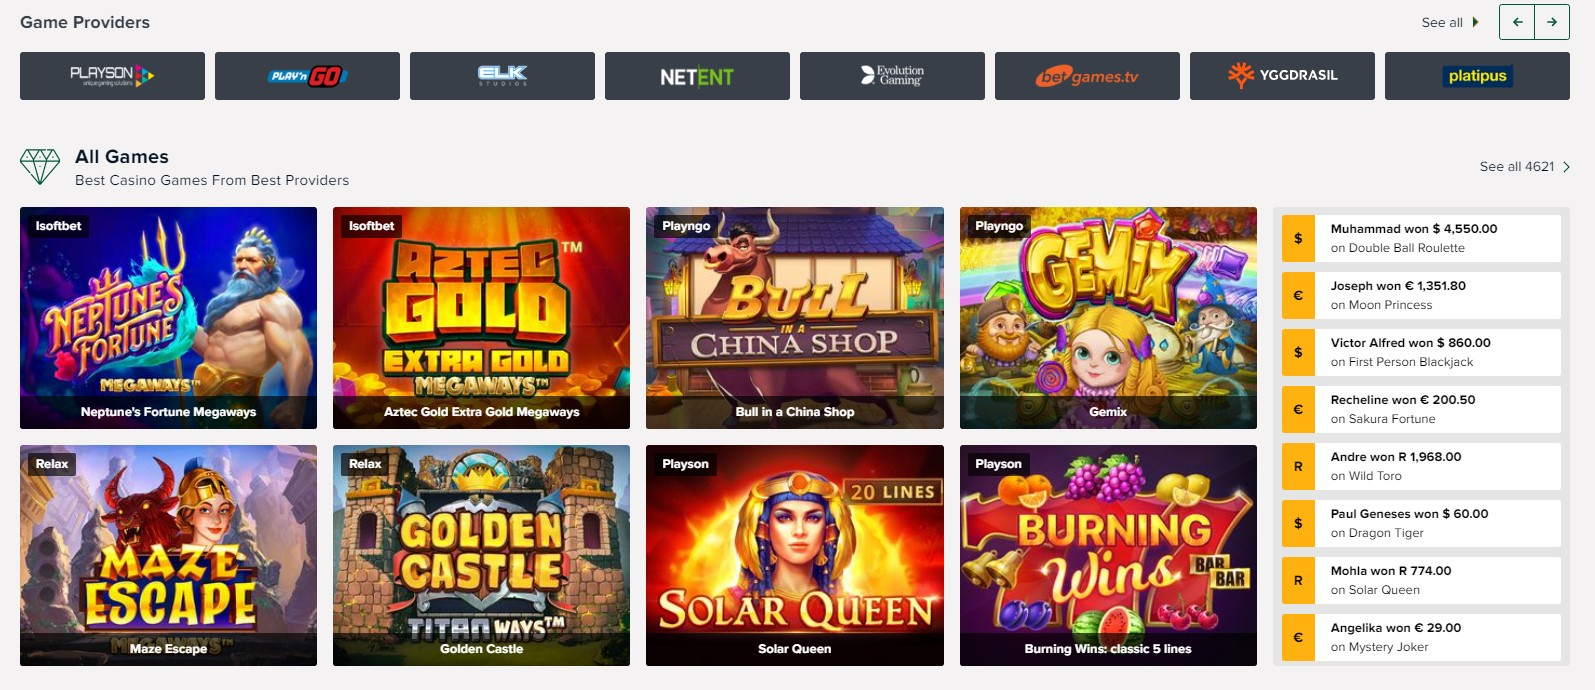 Tuck Casino Online Games Slots